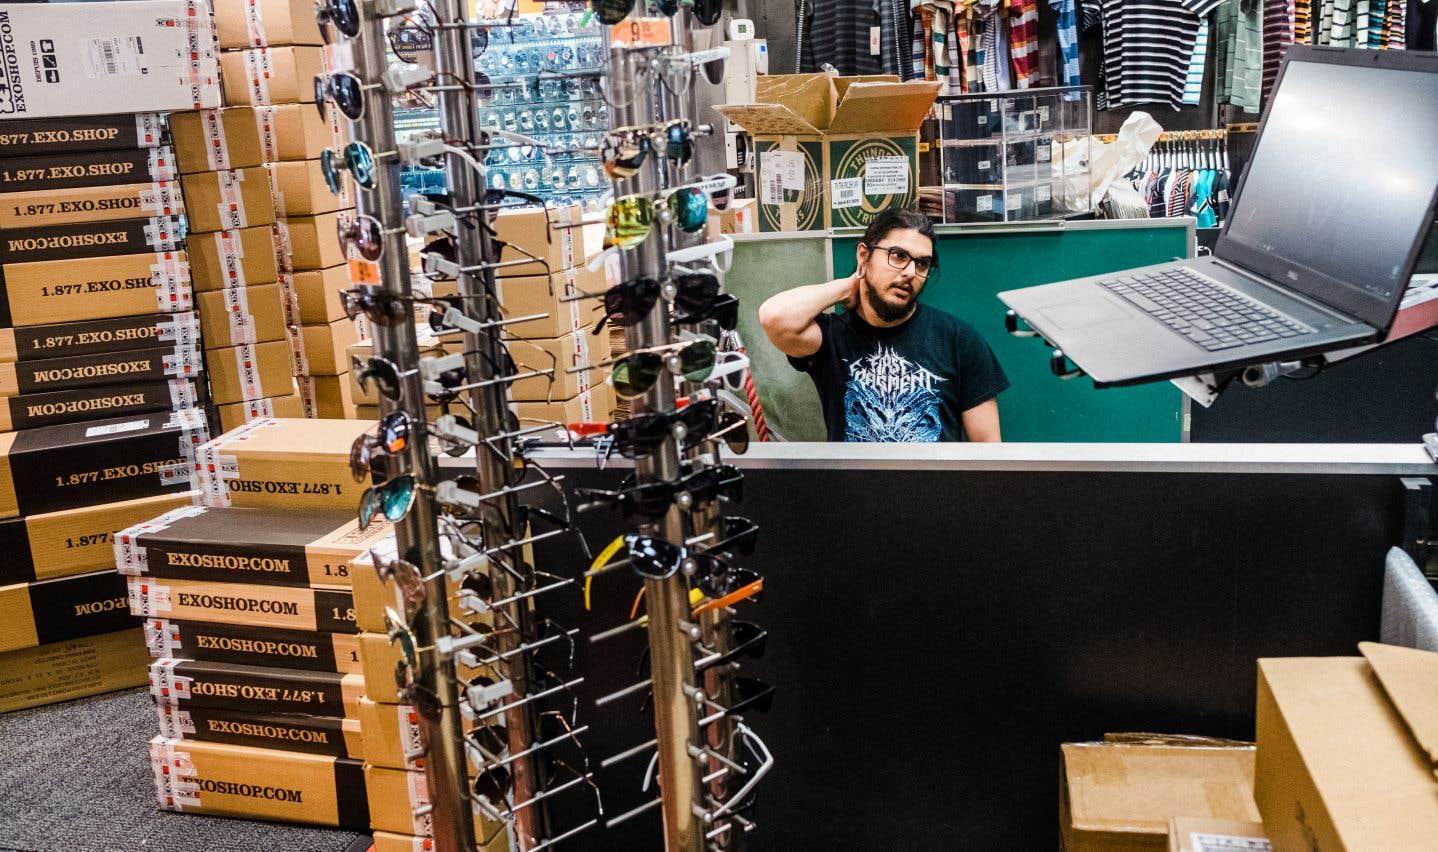 Chez Exo, un boutique de la basse-ville pour amateurs de skateboard, il n'a pas été possible de rouvrir lundi. La réorganisation de l'espace de travail est un véritable casse-tête.